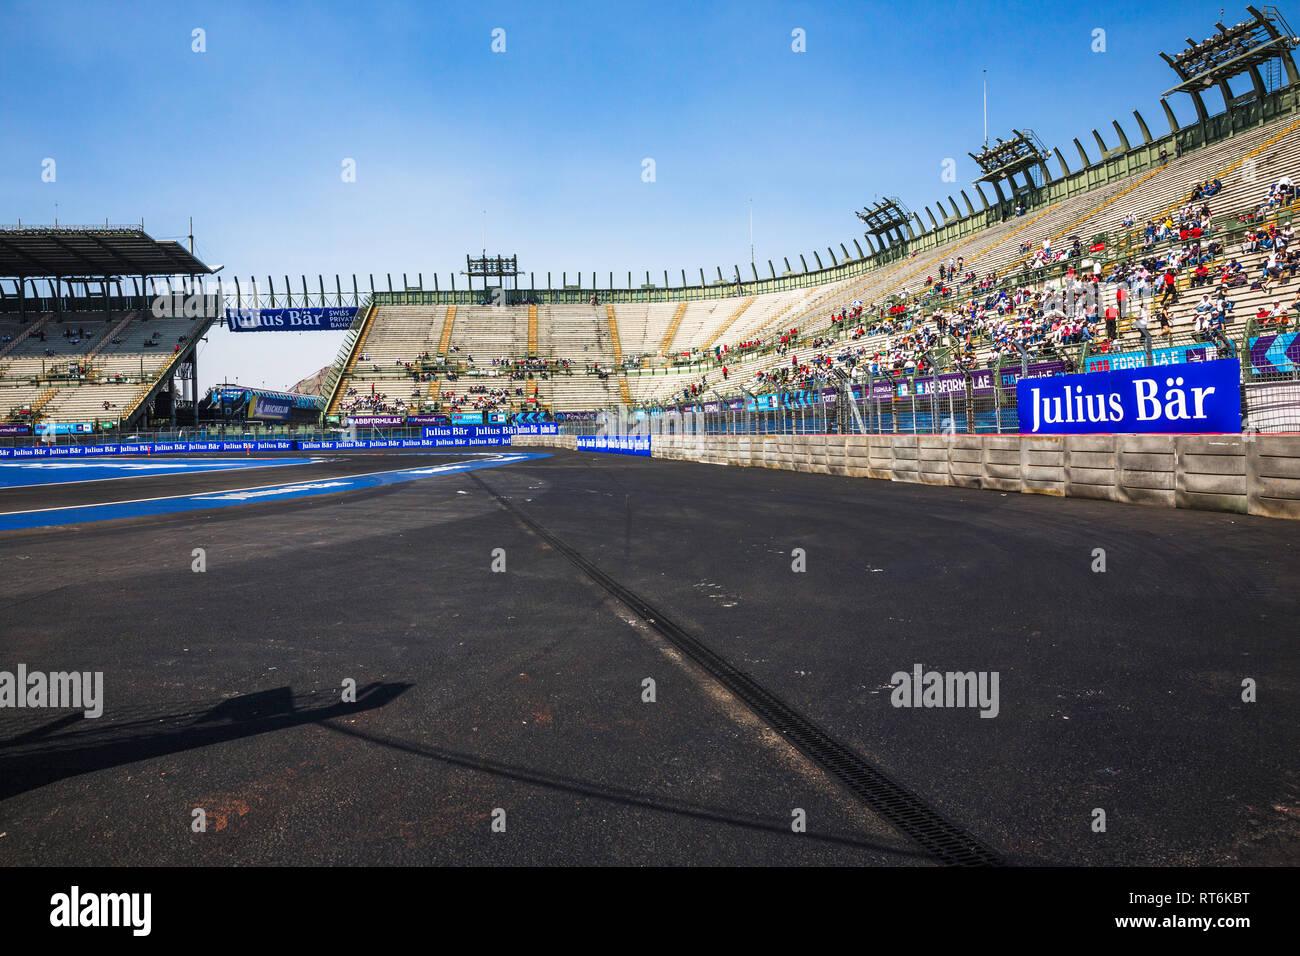 Mexico City, Mexico - February 16, 2019: Autodromo Hermanos